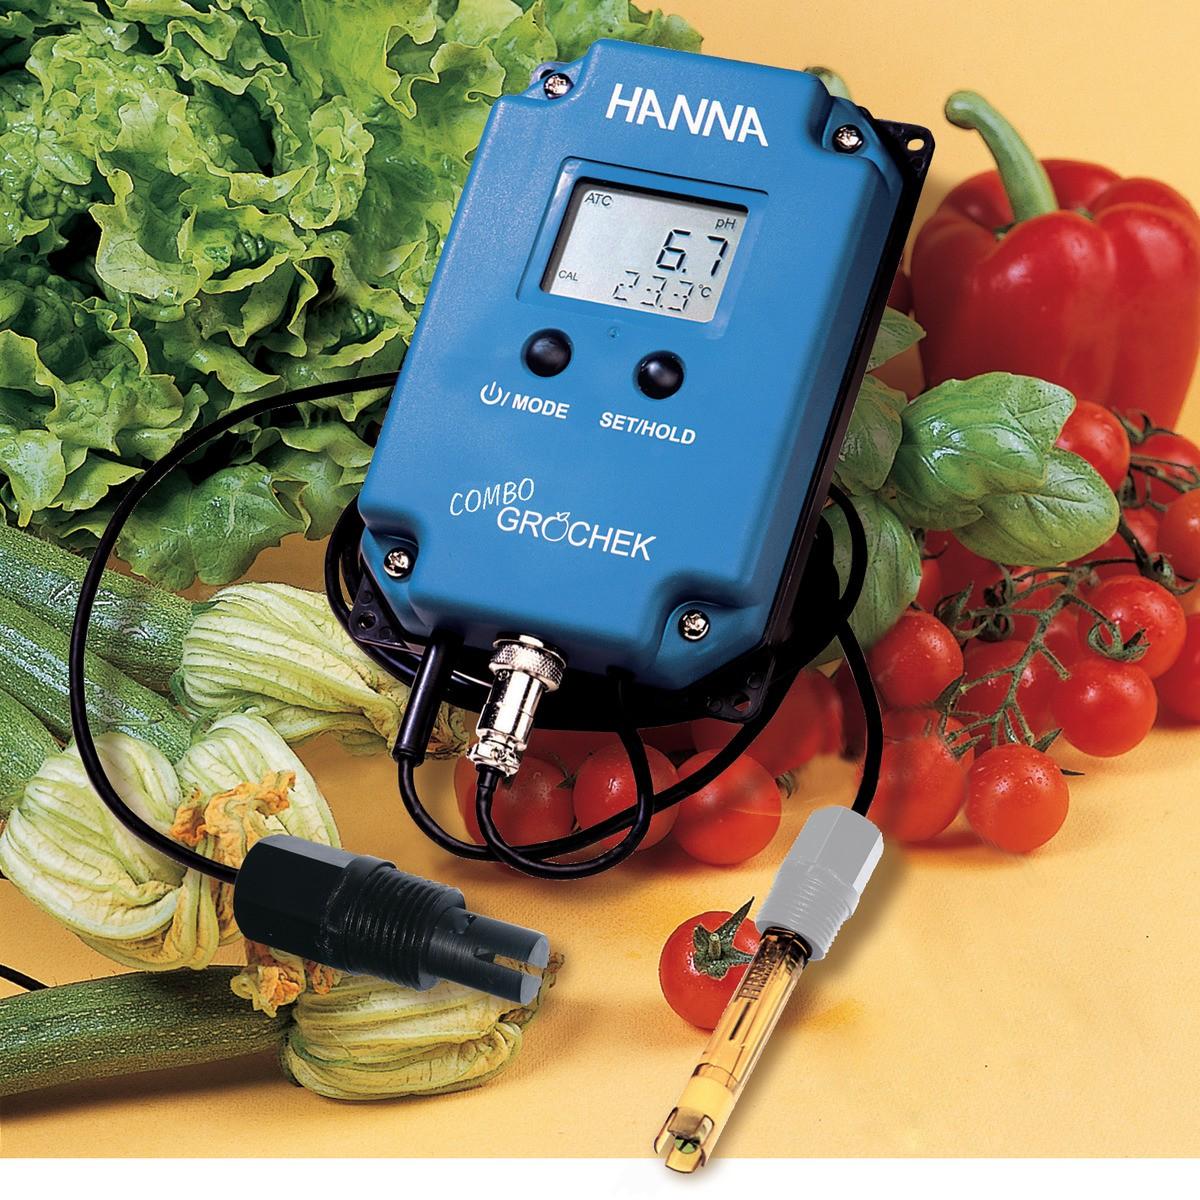 خرید pH متر آنلاین و EC متر  آنلاین و کنداکتیویتی متر آنلاین HI991405